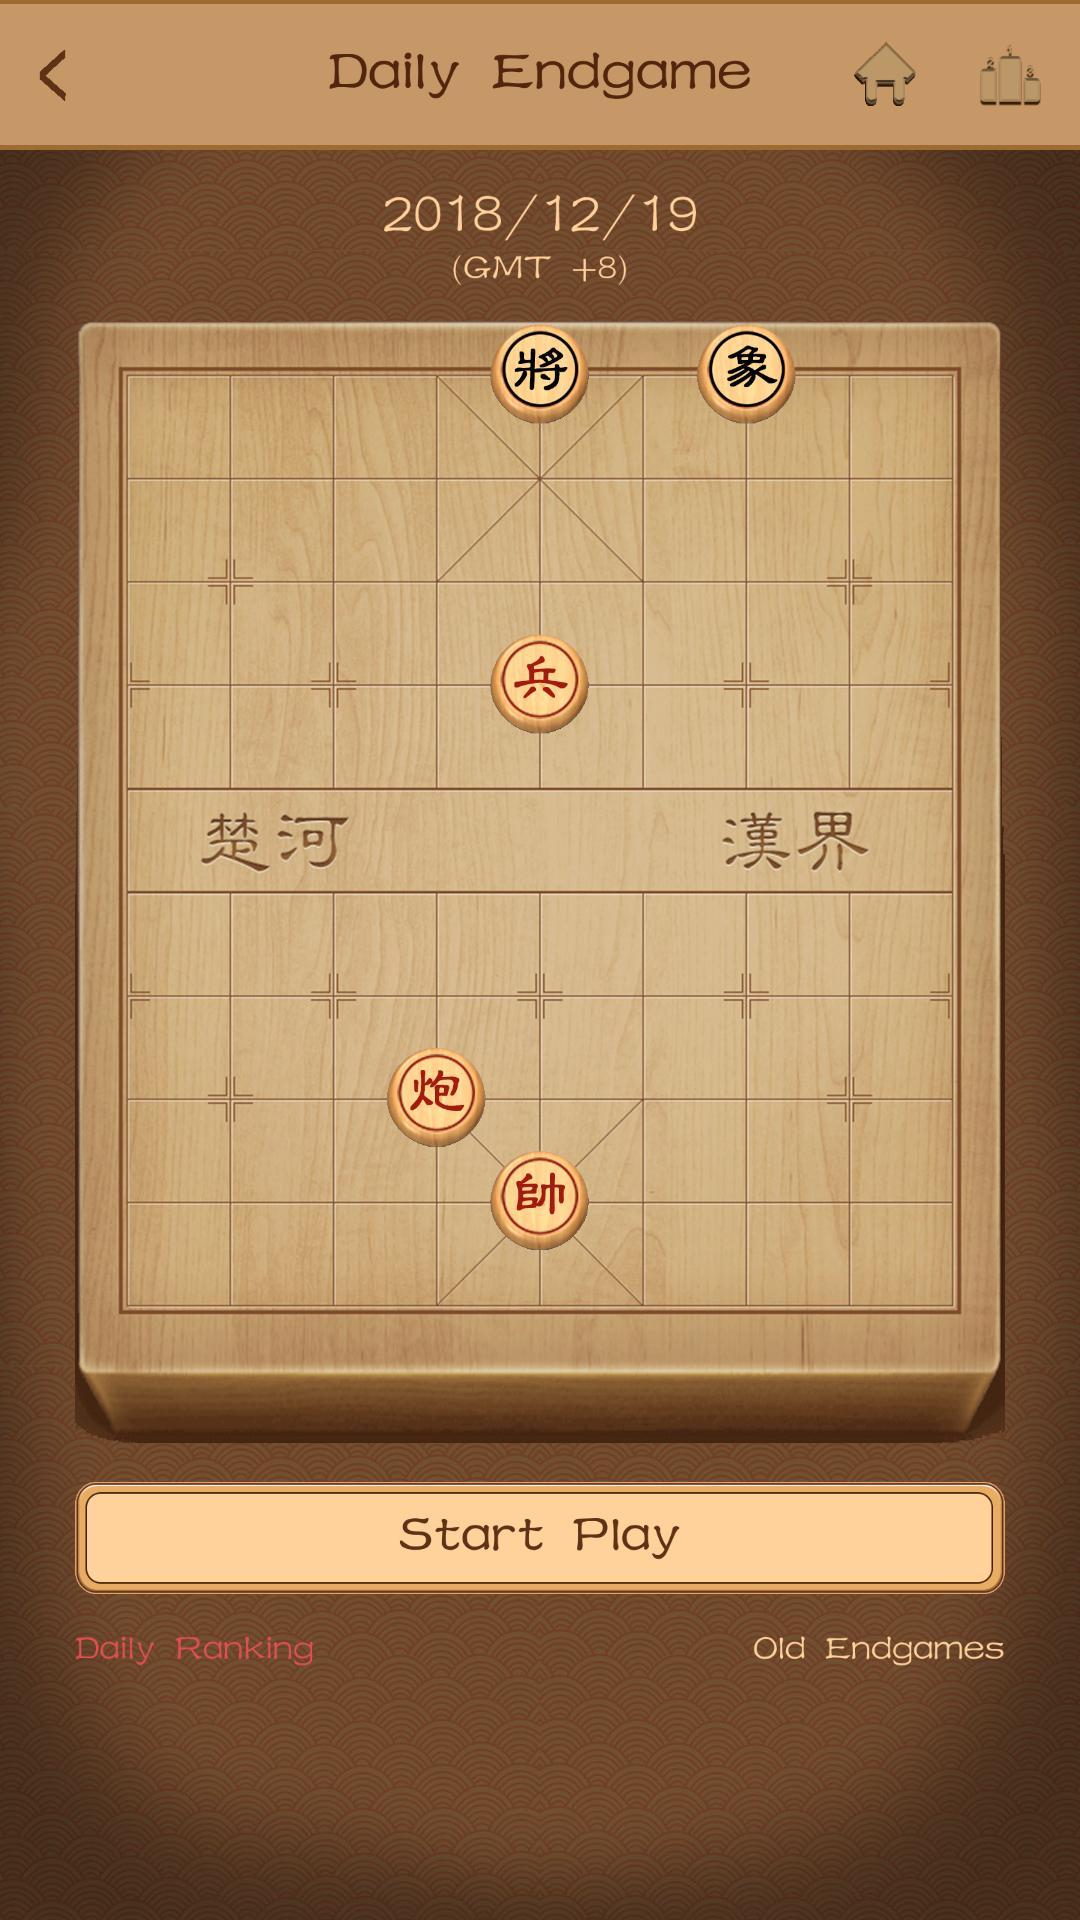 Chinese Chess from beginner to master 1.6.2 Screenshot 11